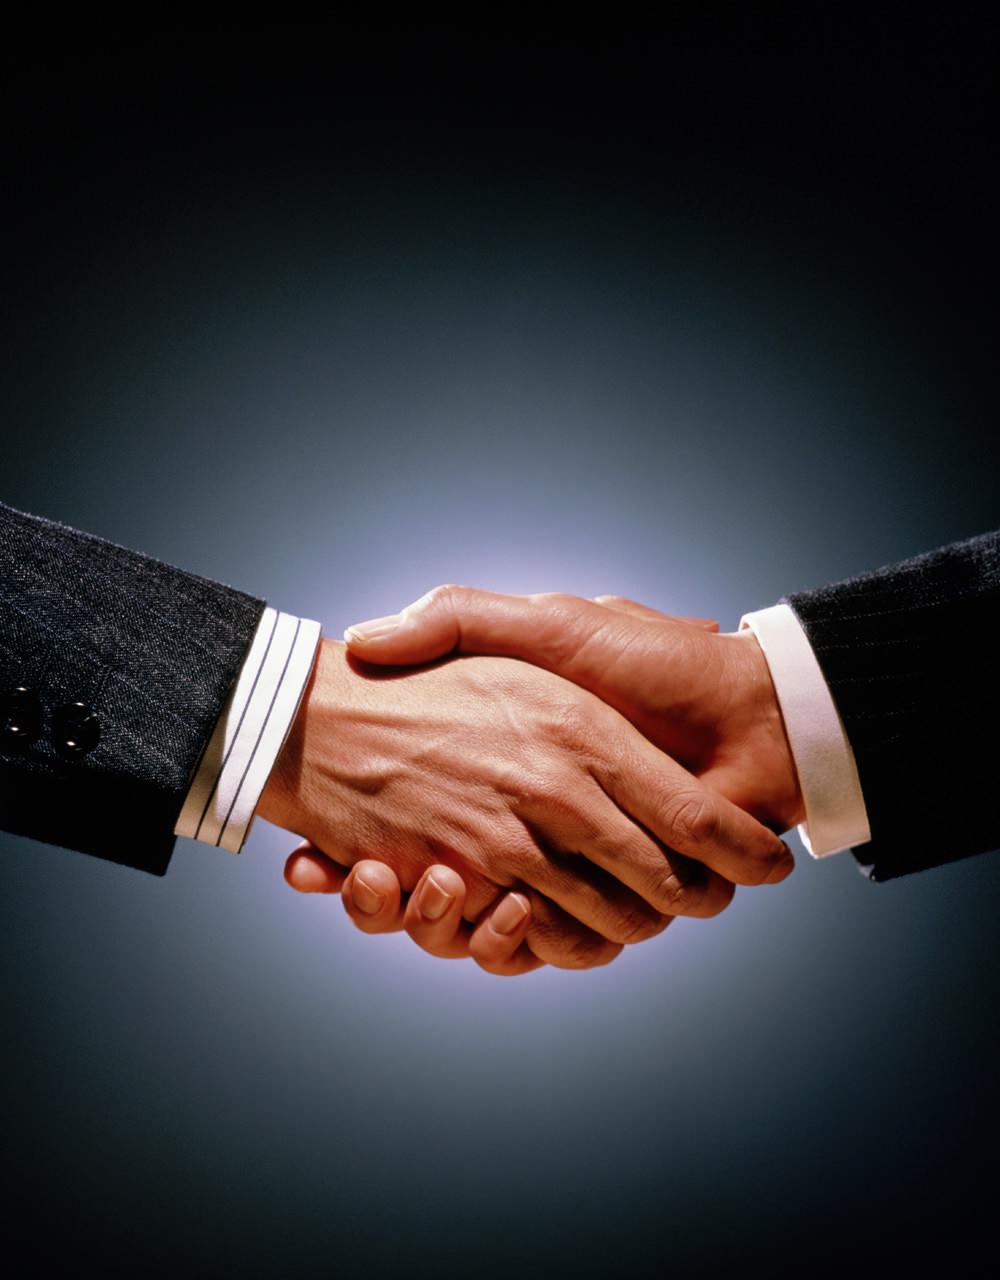 handshake2 image